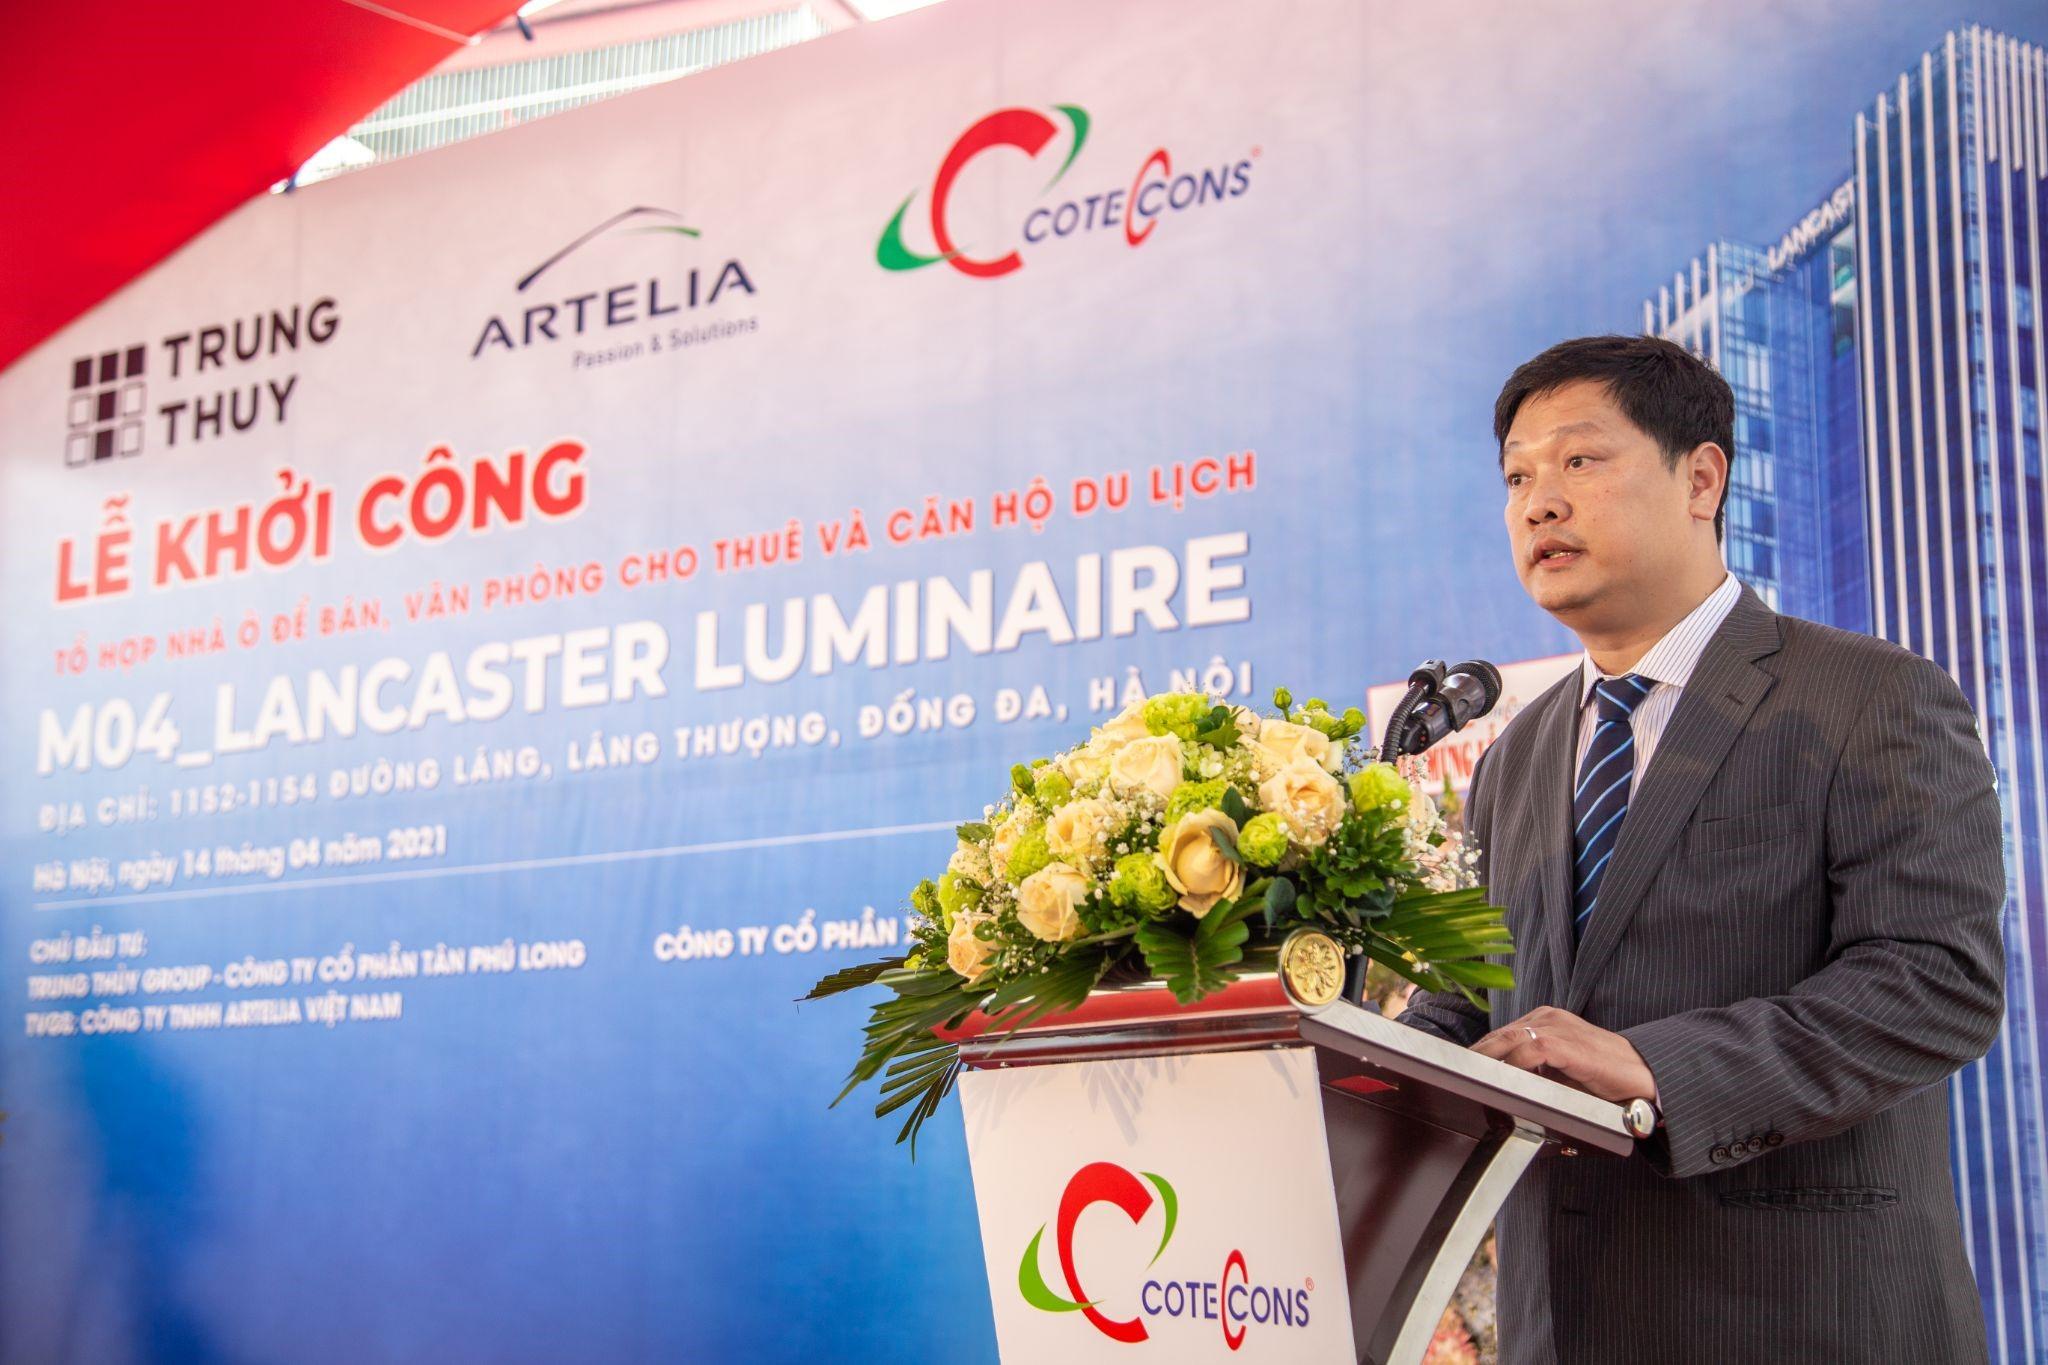 Ông Phan Hữu Duy Quốc - Phó tổng giám đốc Công ty CP Xây dựng Coteccons. Ảnh: Tập đoàn Trung Thủy.